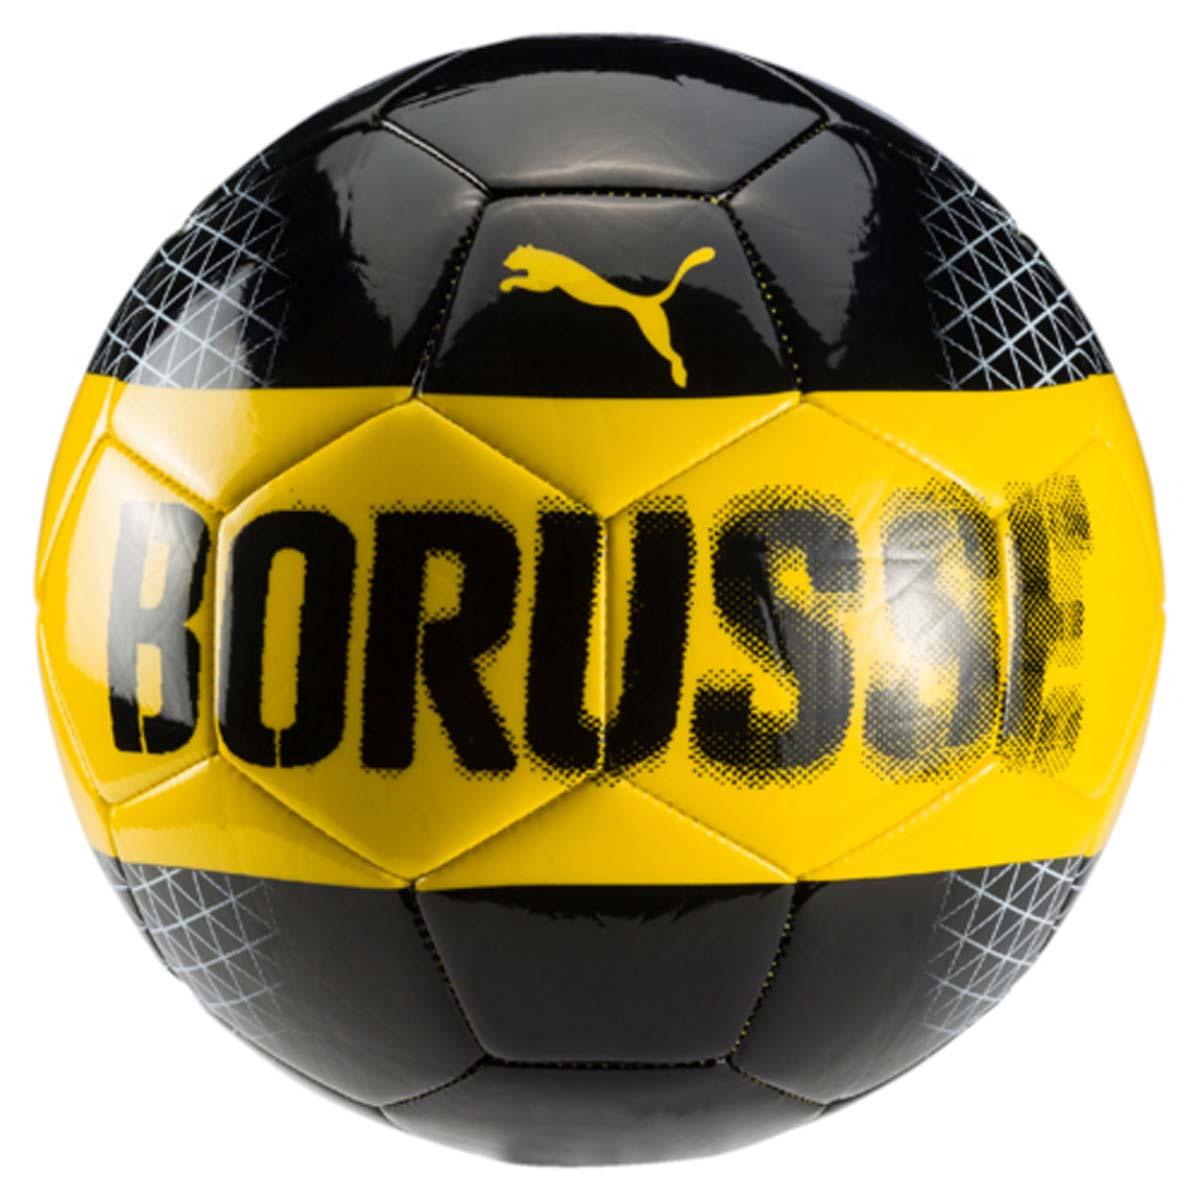 Мяч футбольный Puma Bvb Fan Ball, цвет: черный, желтый. 08274501. Размер 5